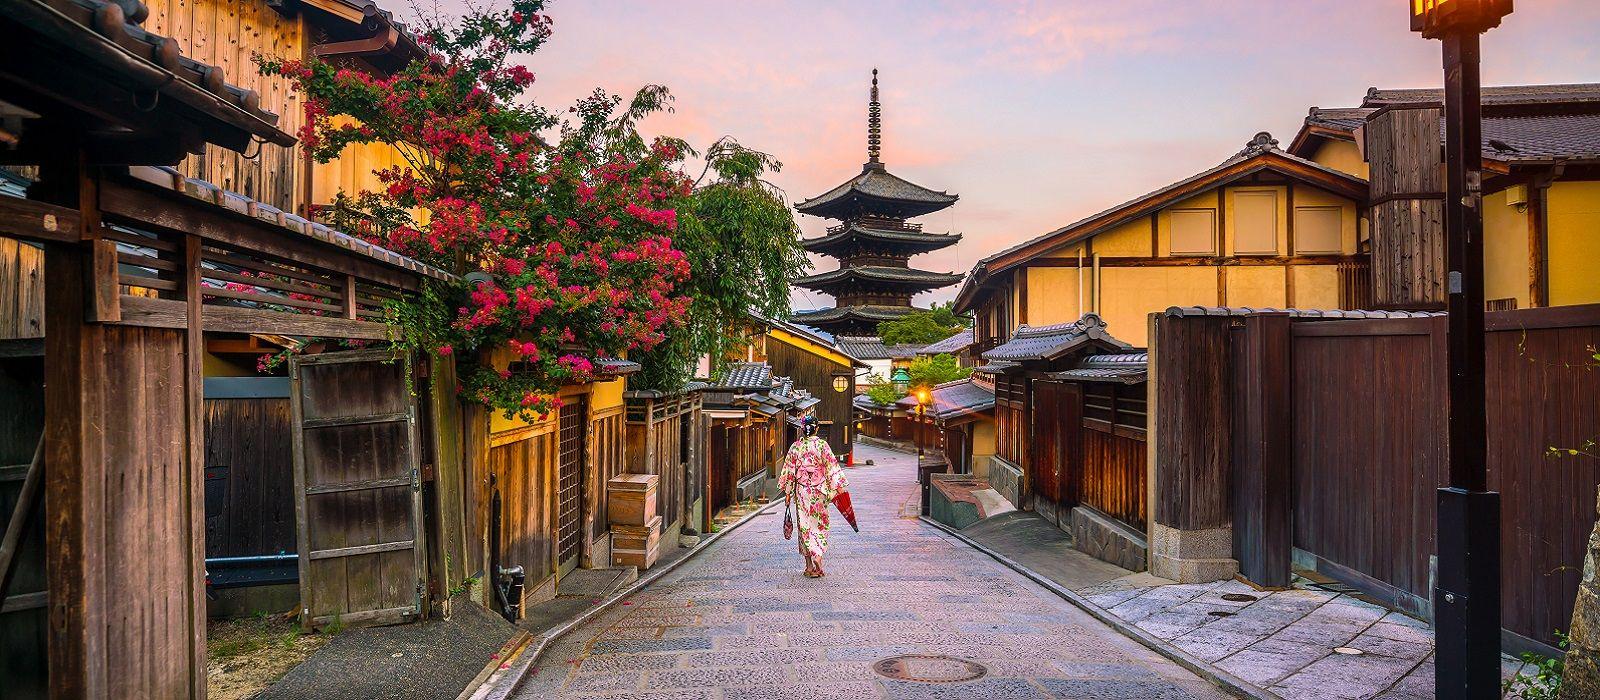 Just Japan – An Introduction Tour Trip 1